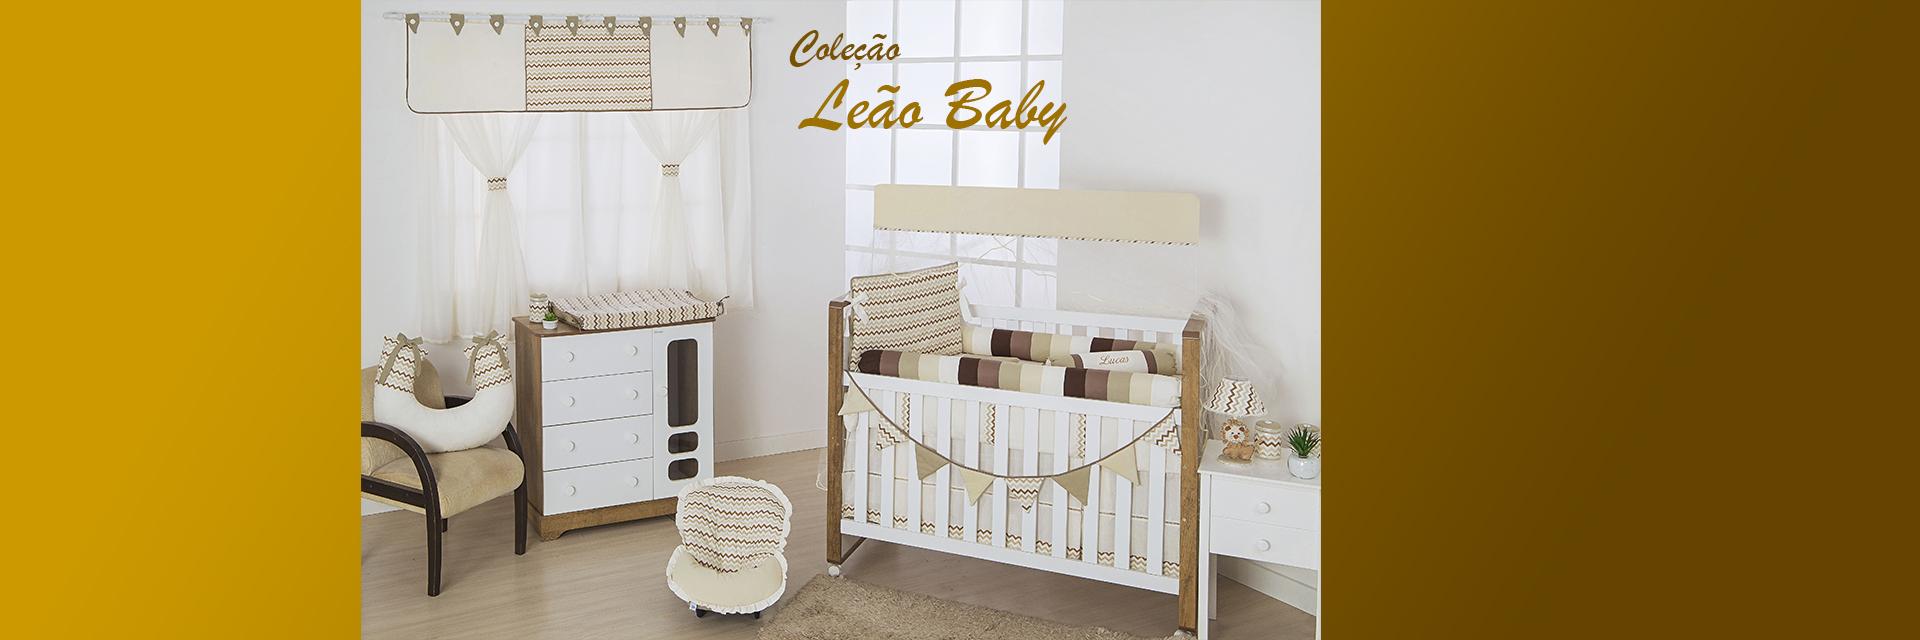 Coleção Leão Baby